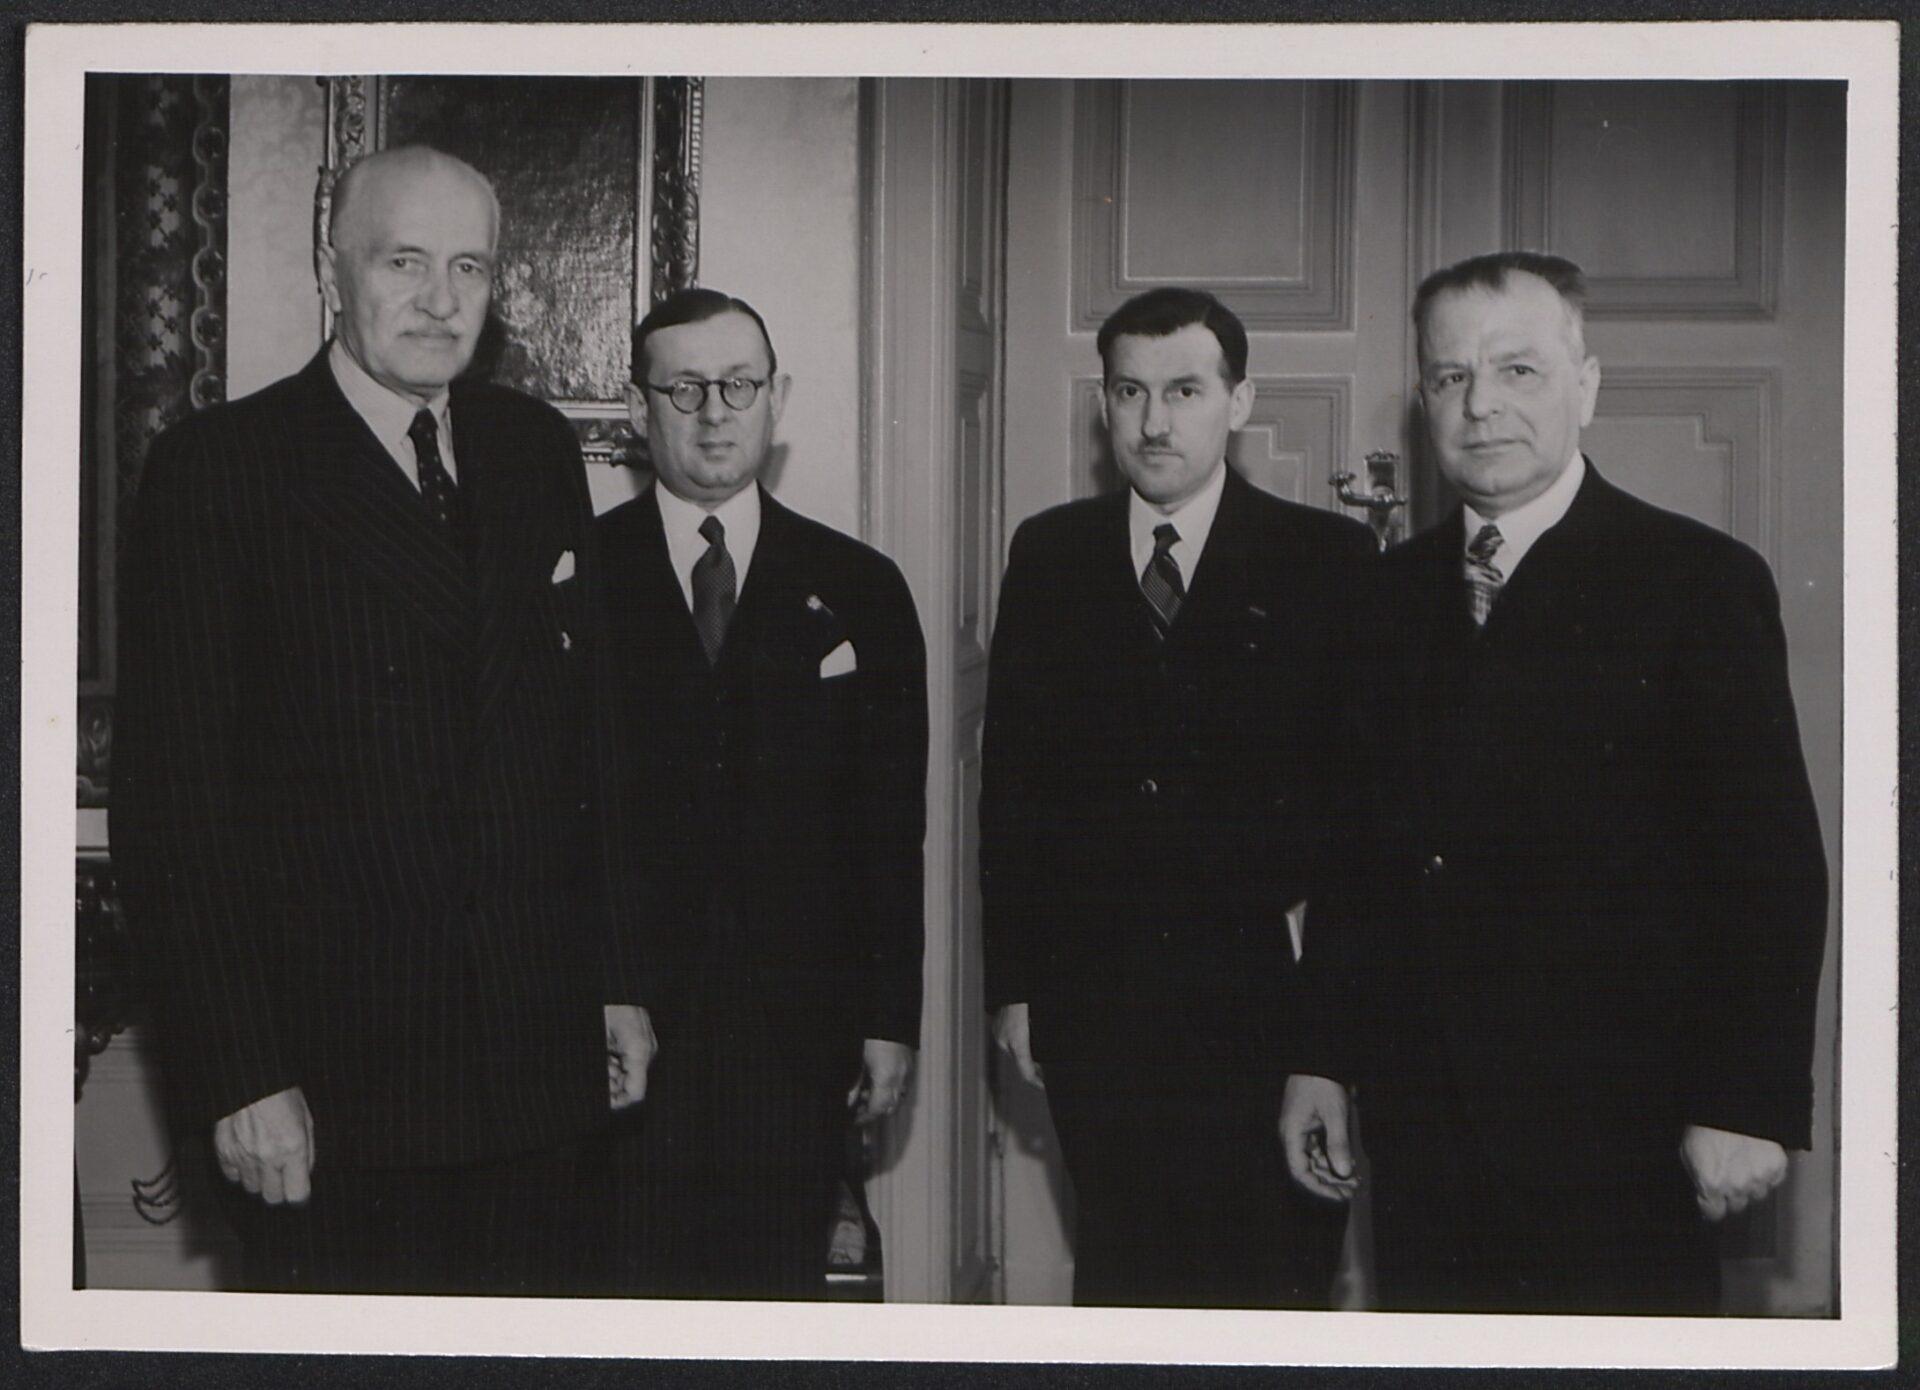 Delegacja Zarządu Społem uprezydenta Ignacego Mościckiego w1936r. Źródło: Narodowa Biblioteka Cyfrowa Polona.